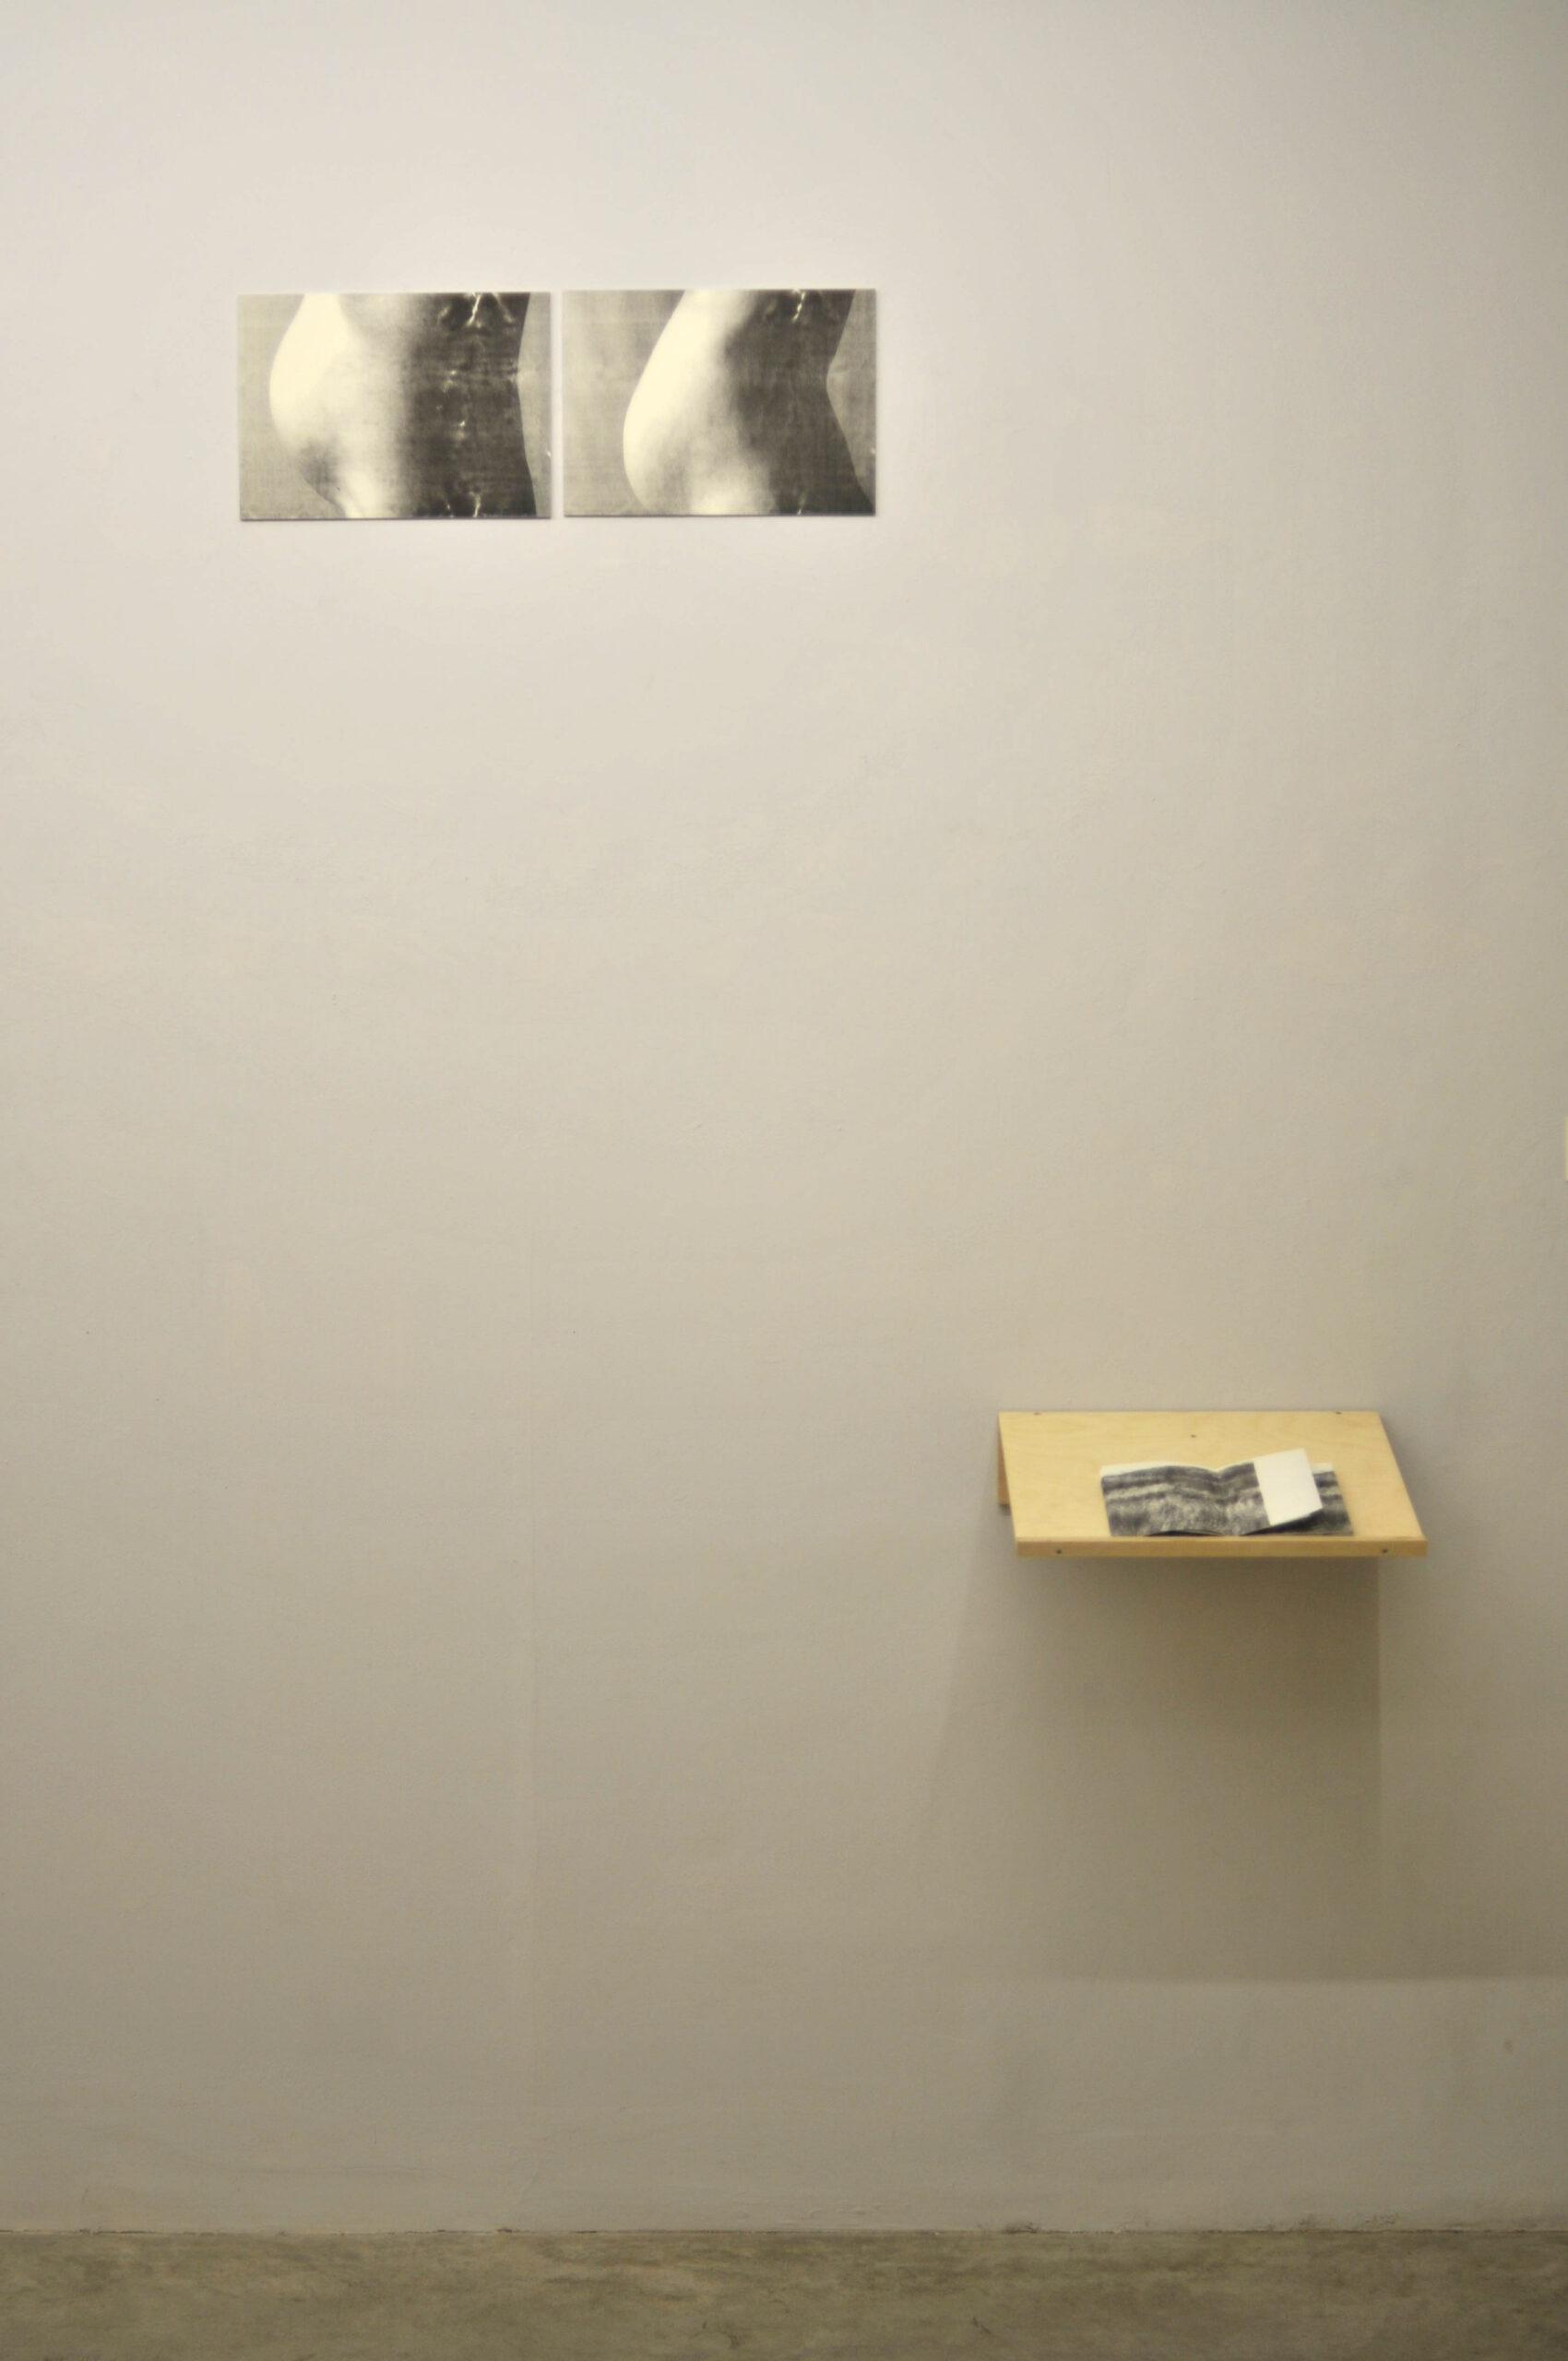 Катя Лесів, Експозиція «Колискова», 2018, «Я Галерея», Київ